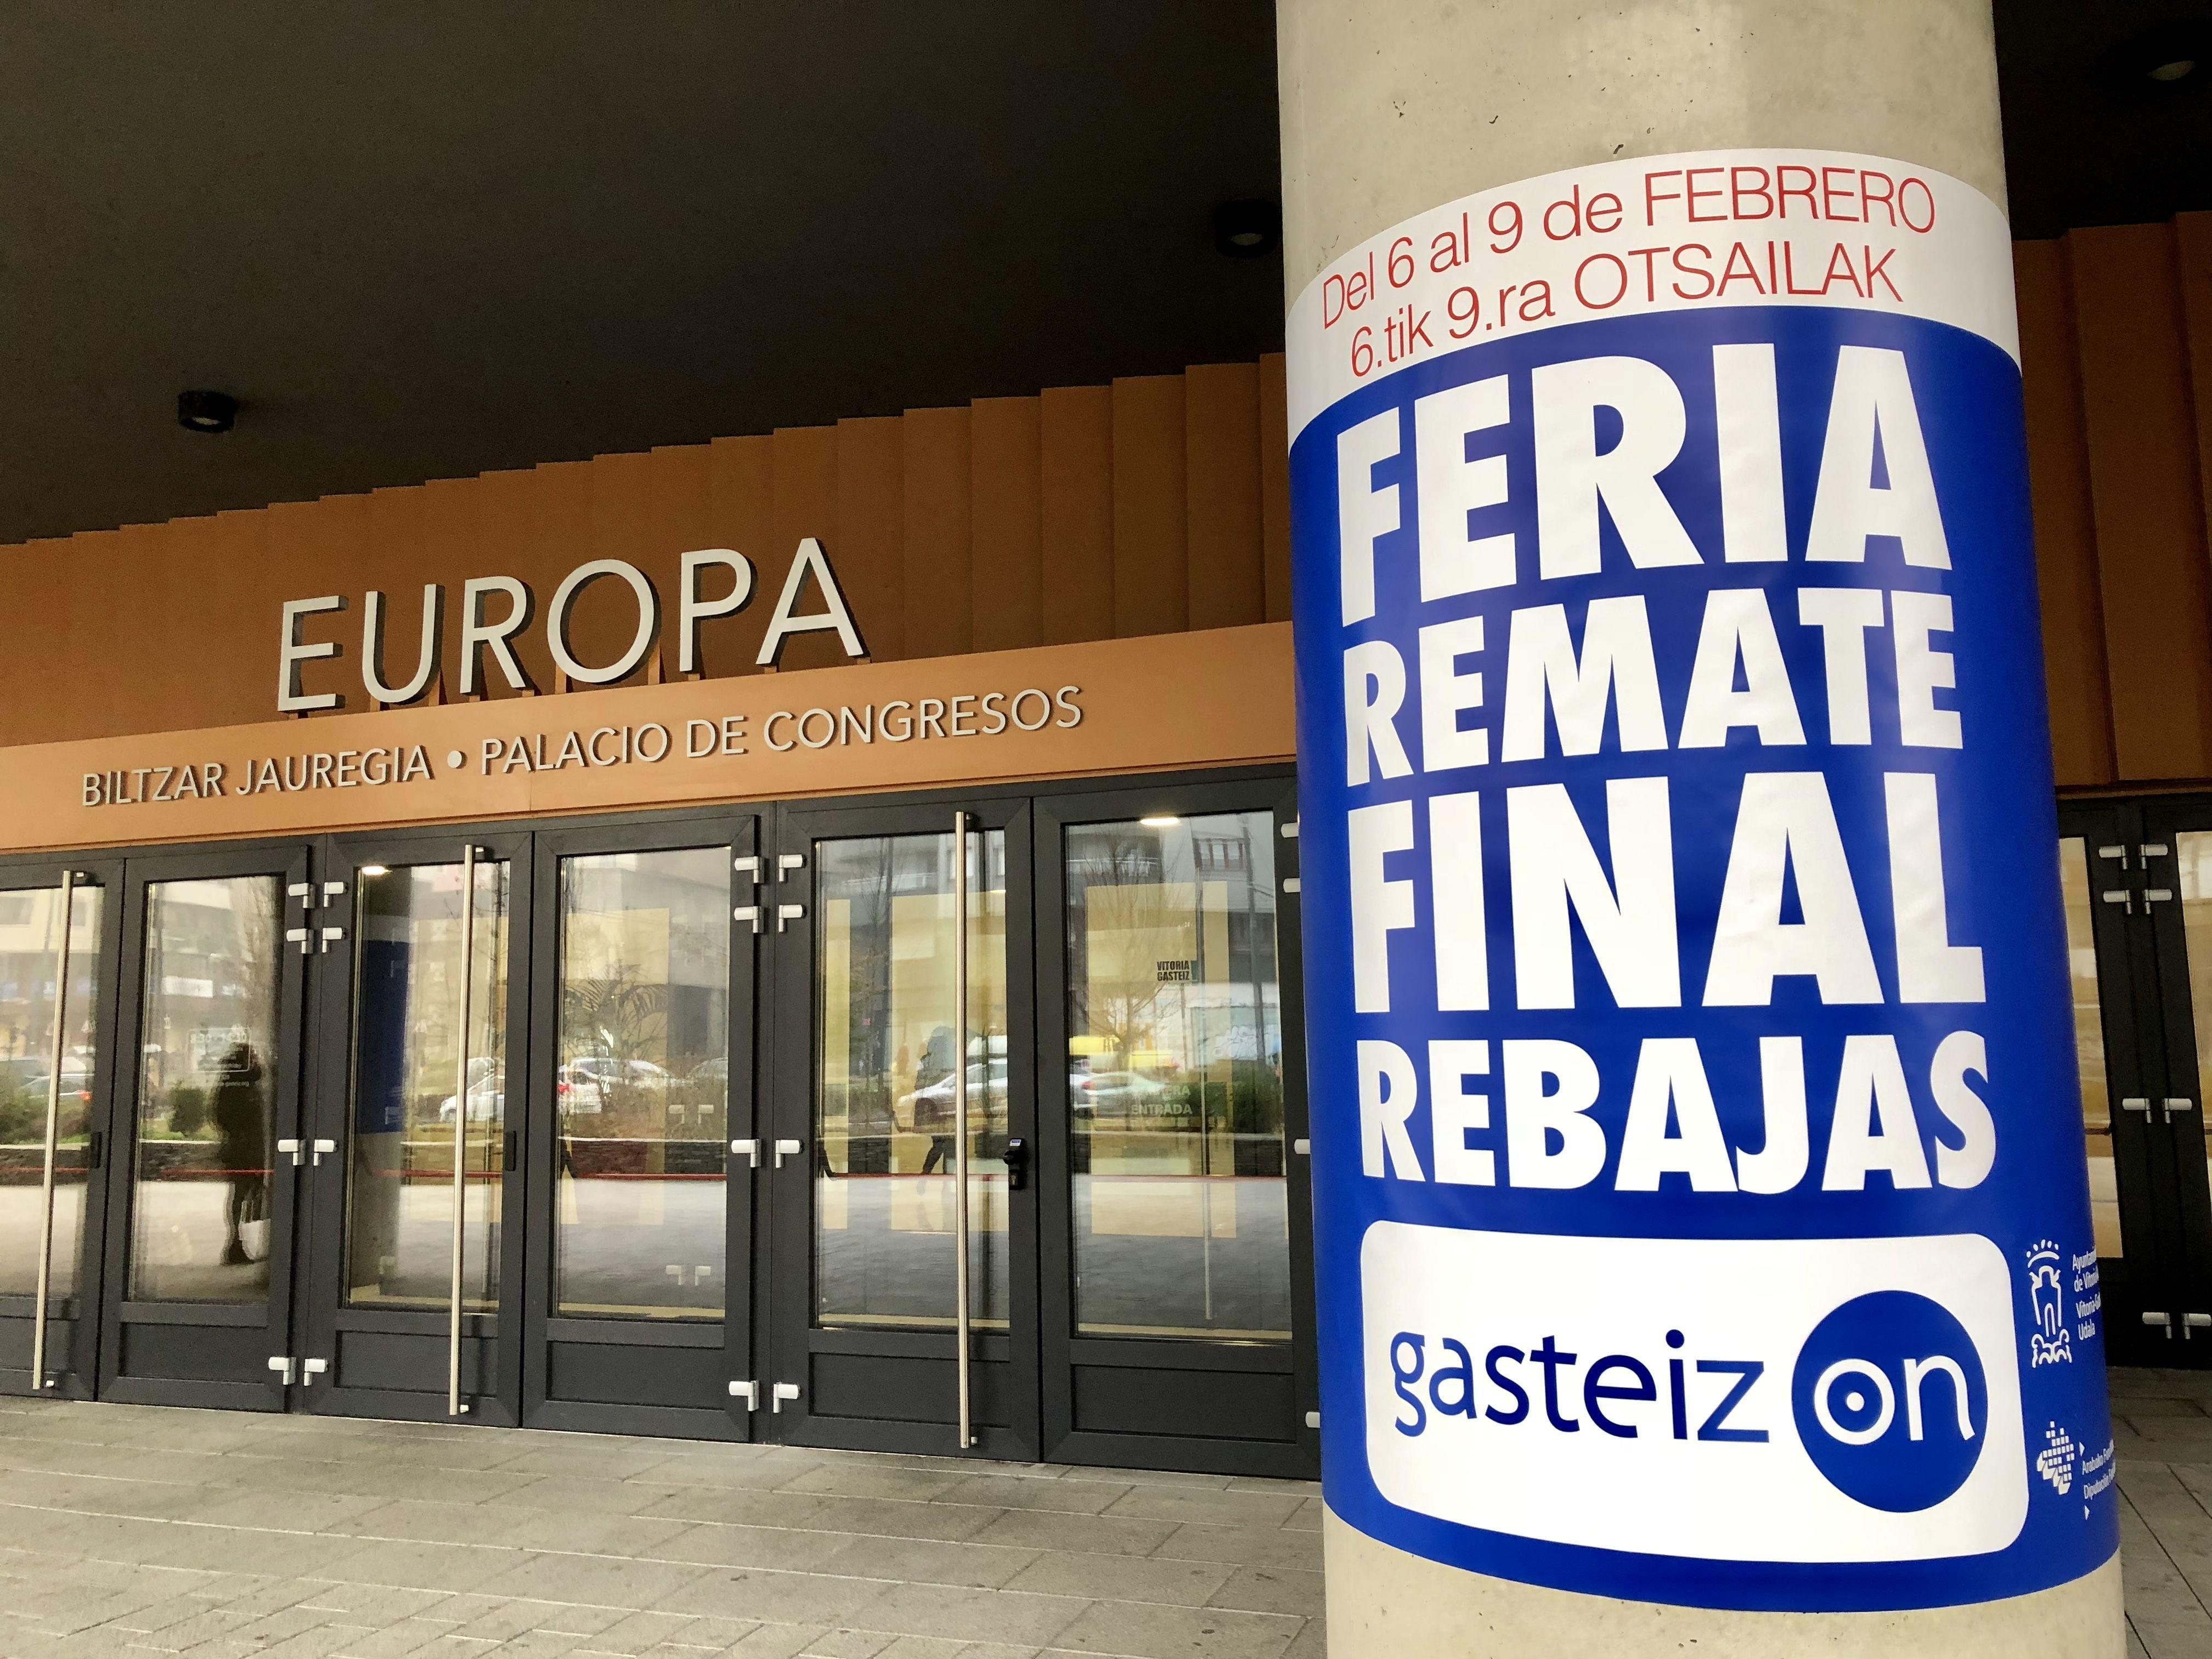 073b3140926 La concejala de Empleo y Desarrollo Económico Sostenible, Nerea Melgosa, ha  asistido a la apertura de la Feria de las Rebajas – Outlet de Gasteiz On  que se ...